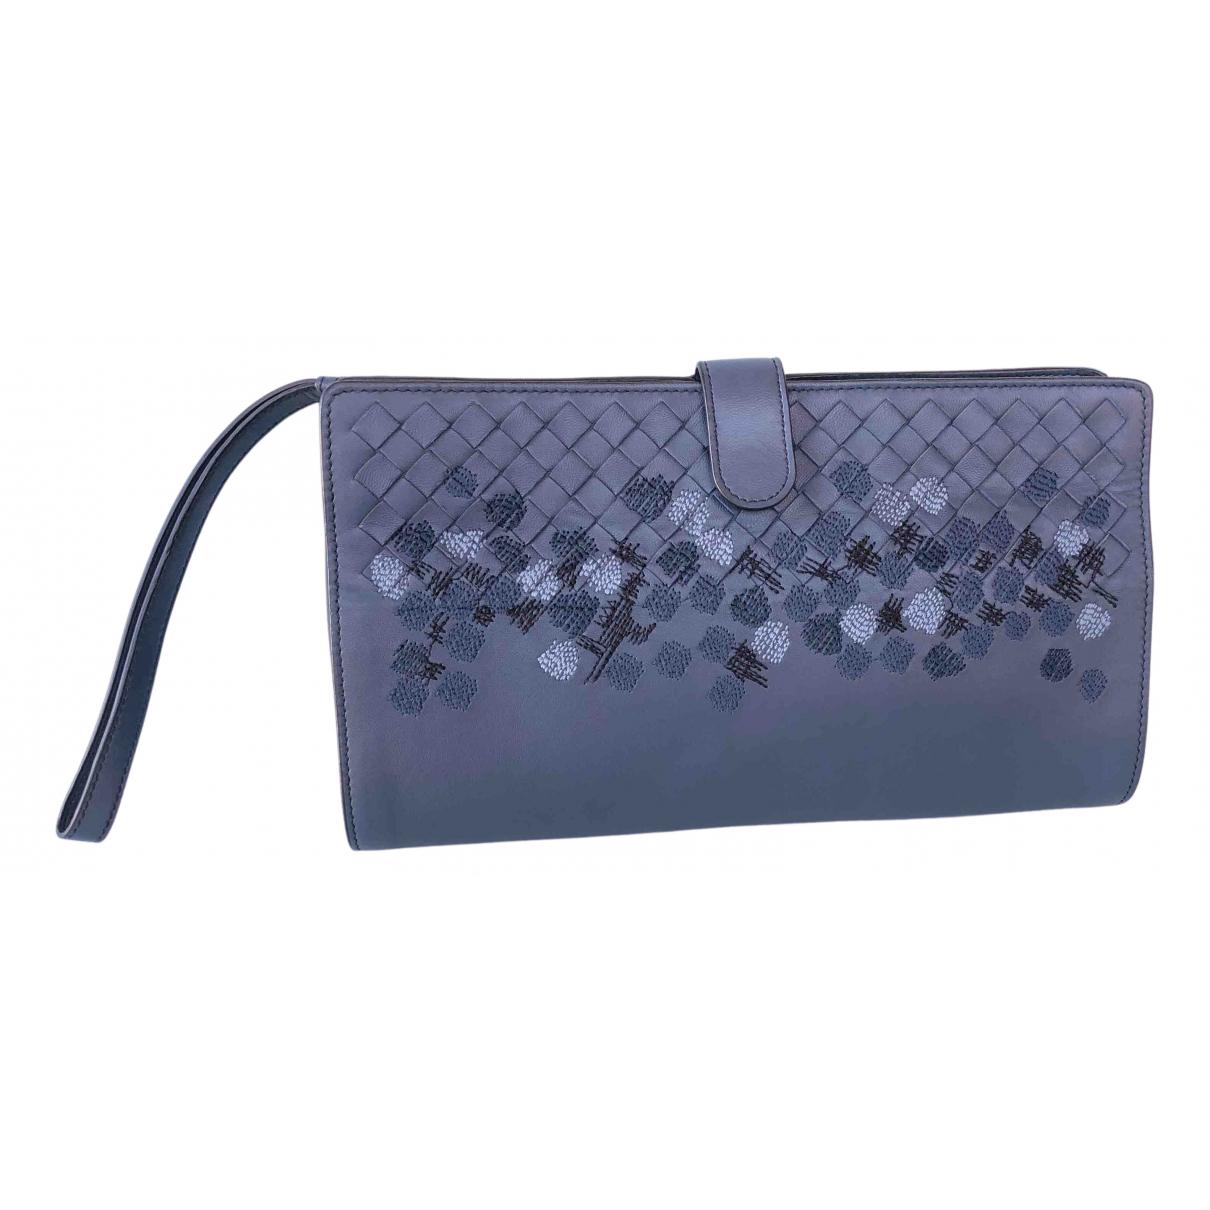 Bottega Veneta N Blue Leather Clutch bag for Women N